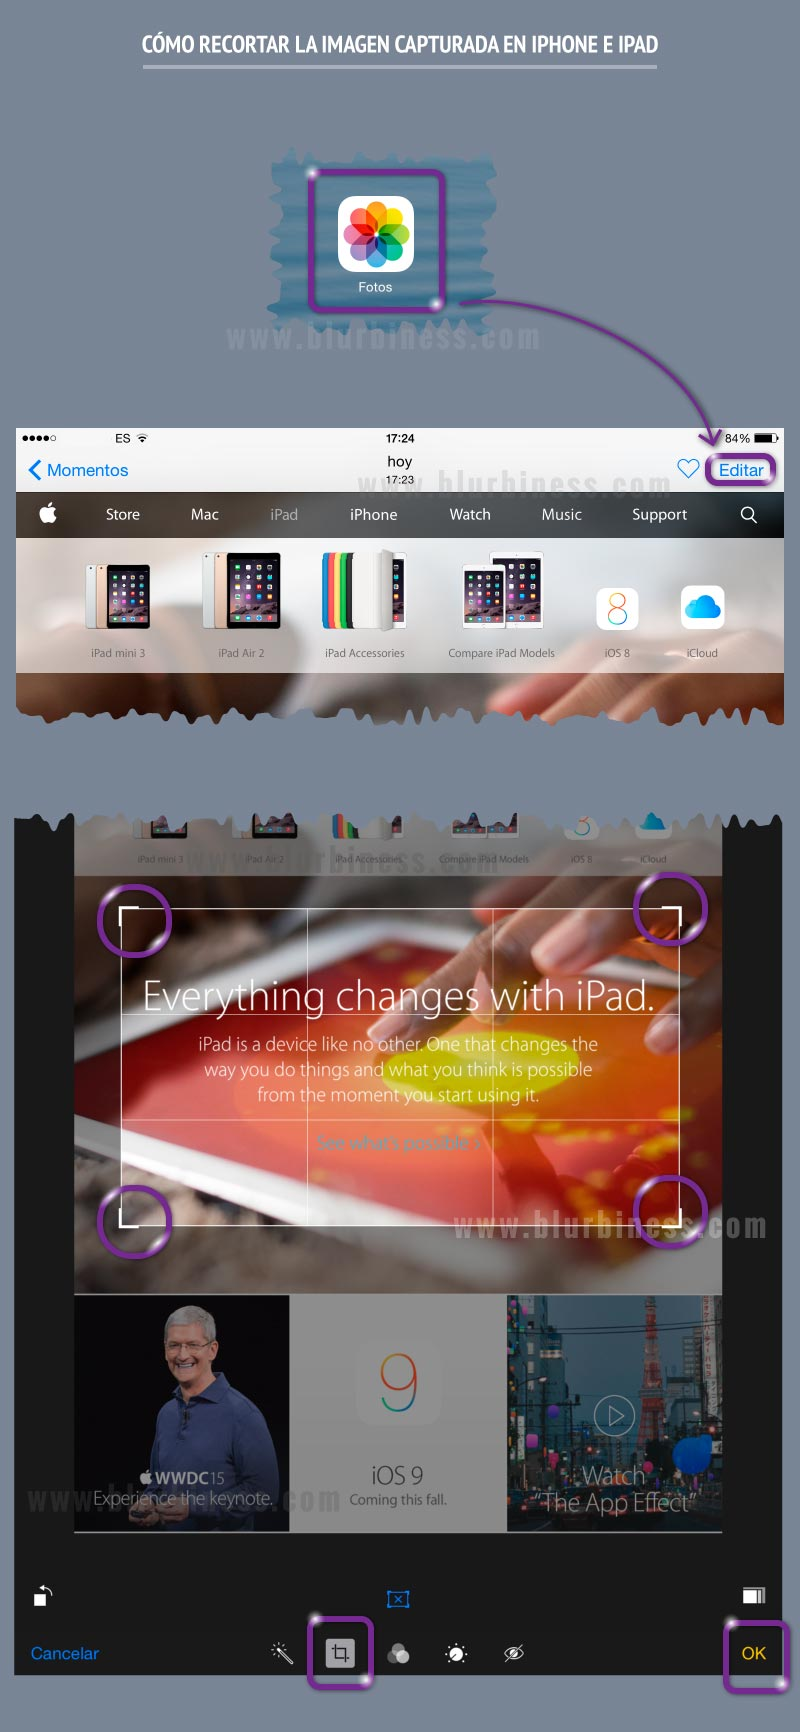 Cómo recortar la imagen capturada en iPhone e iPad